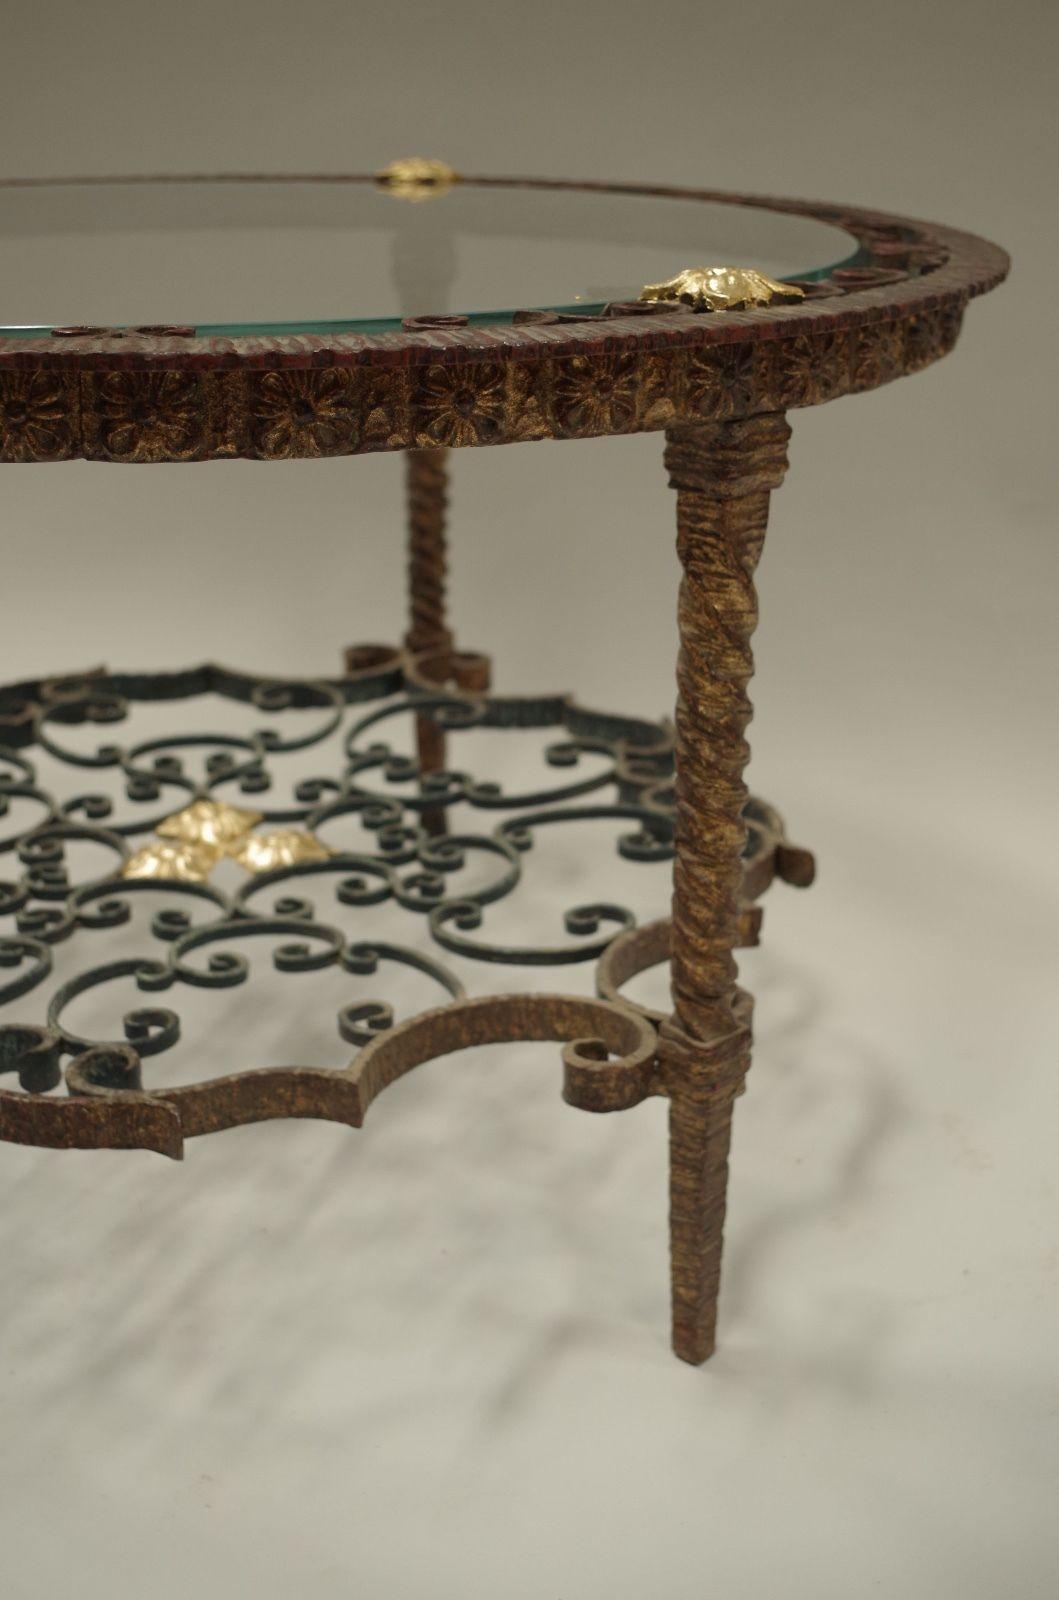 Wrought Iron Italian Table